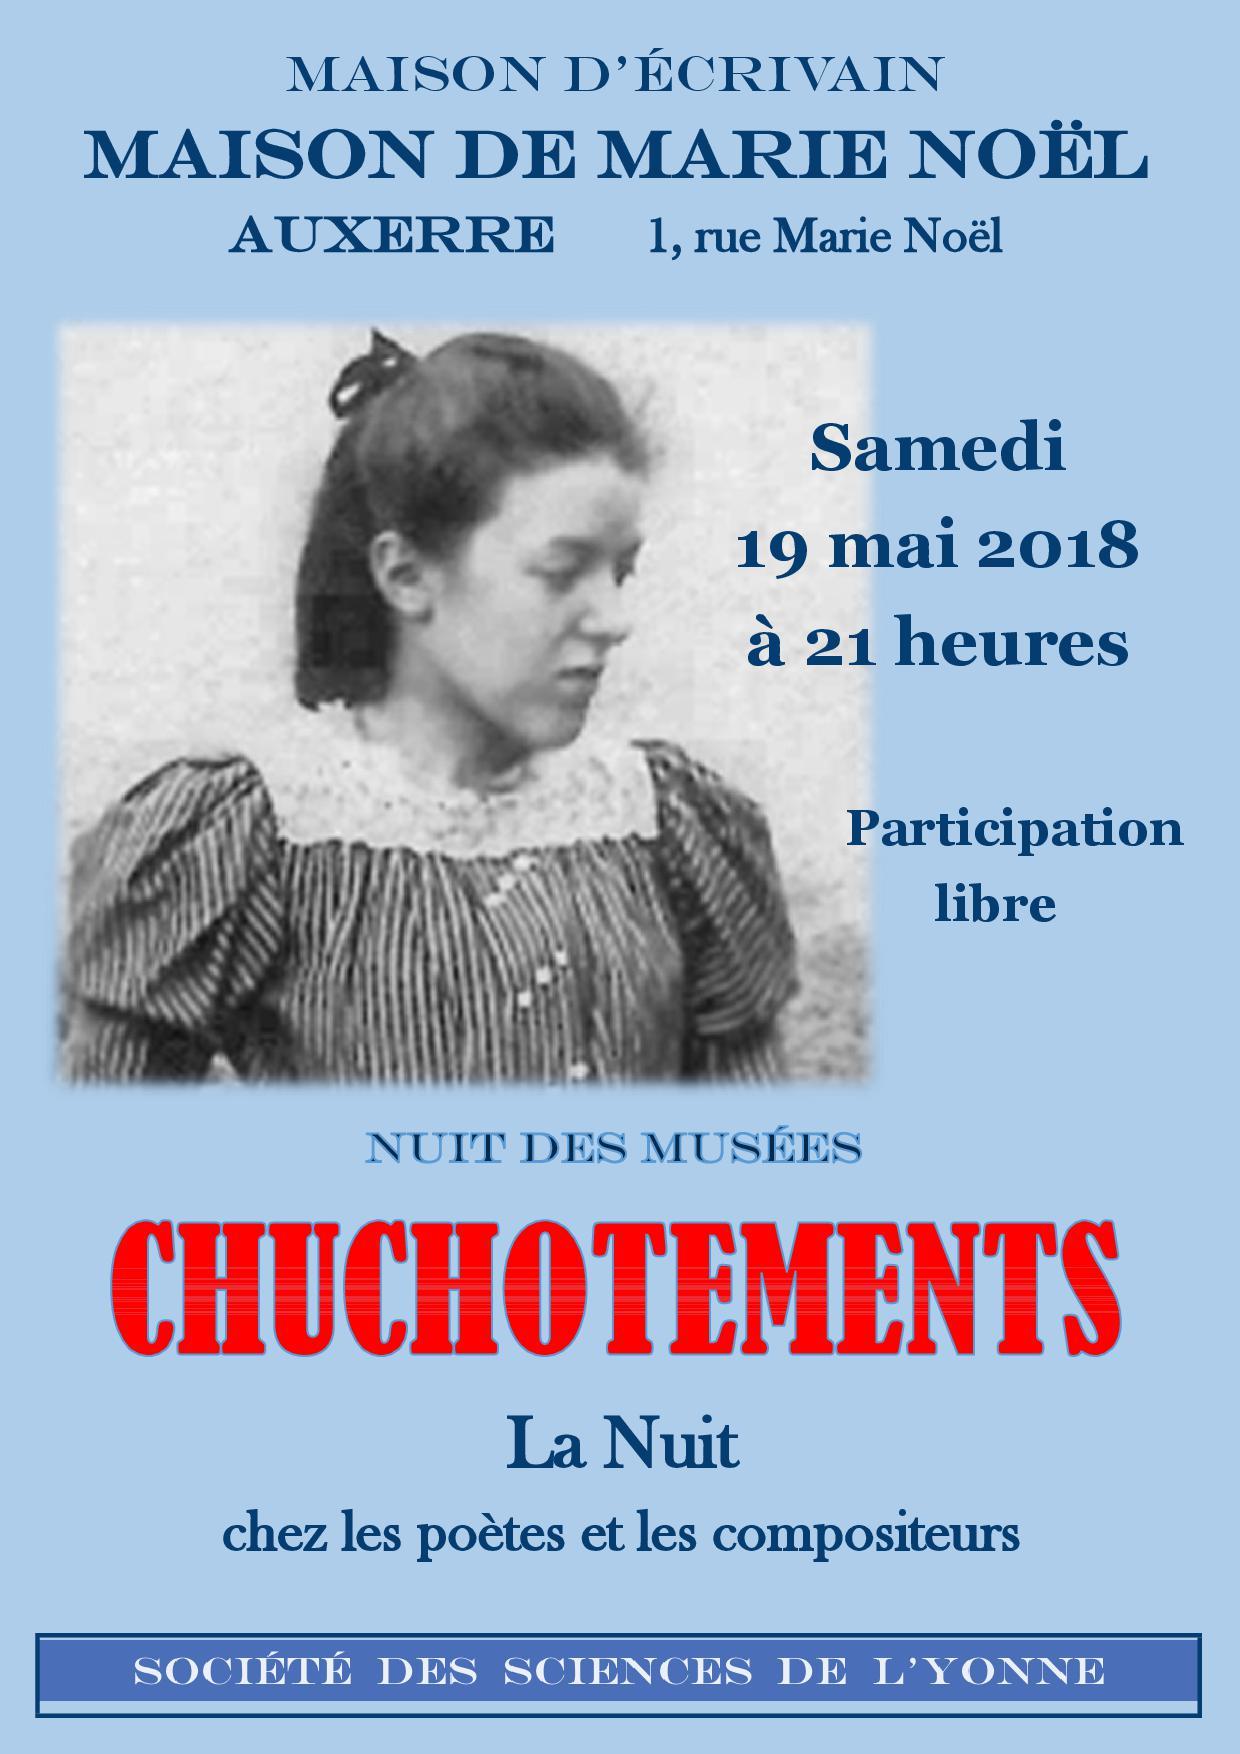 Nuit des musées: dans la maison de Marie Noël à Auxerre (89) le 19 mai 2018